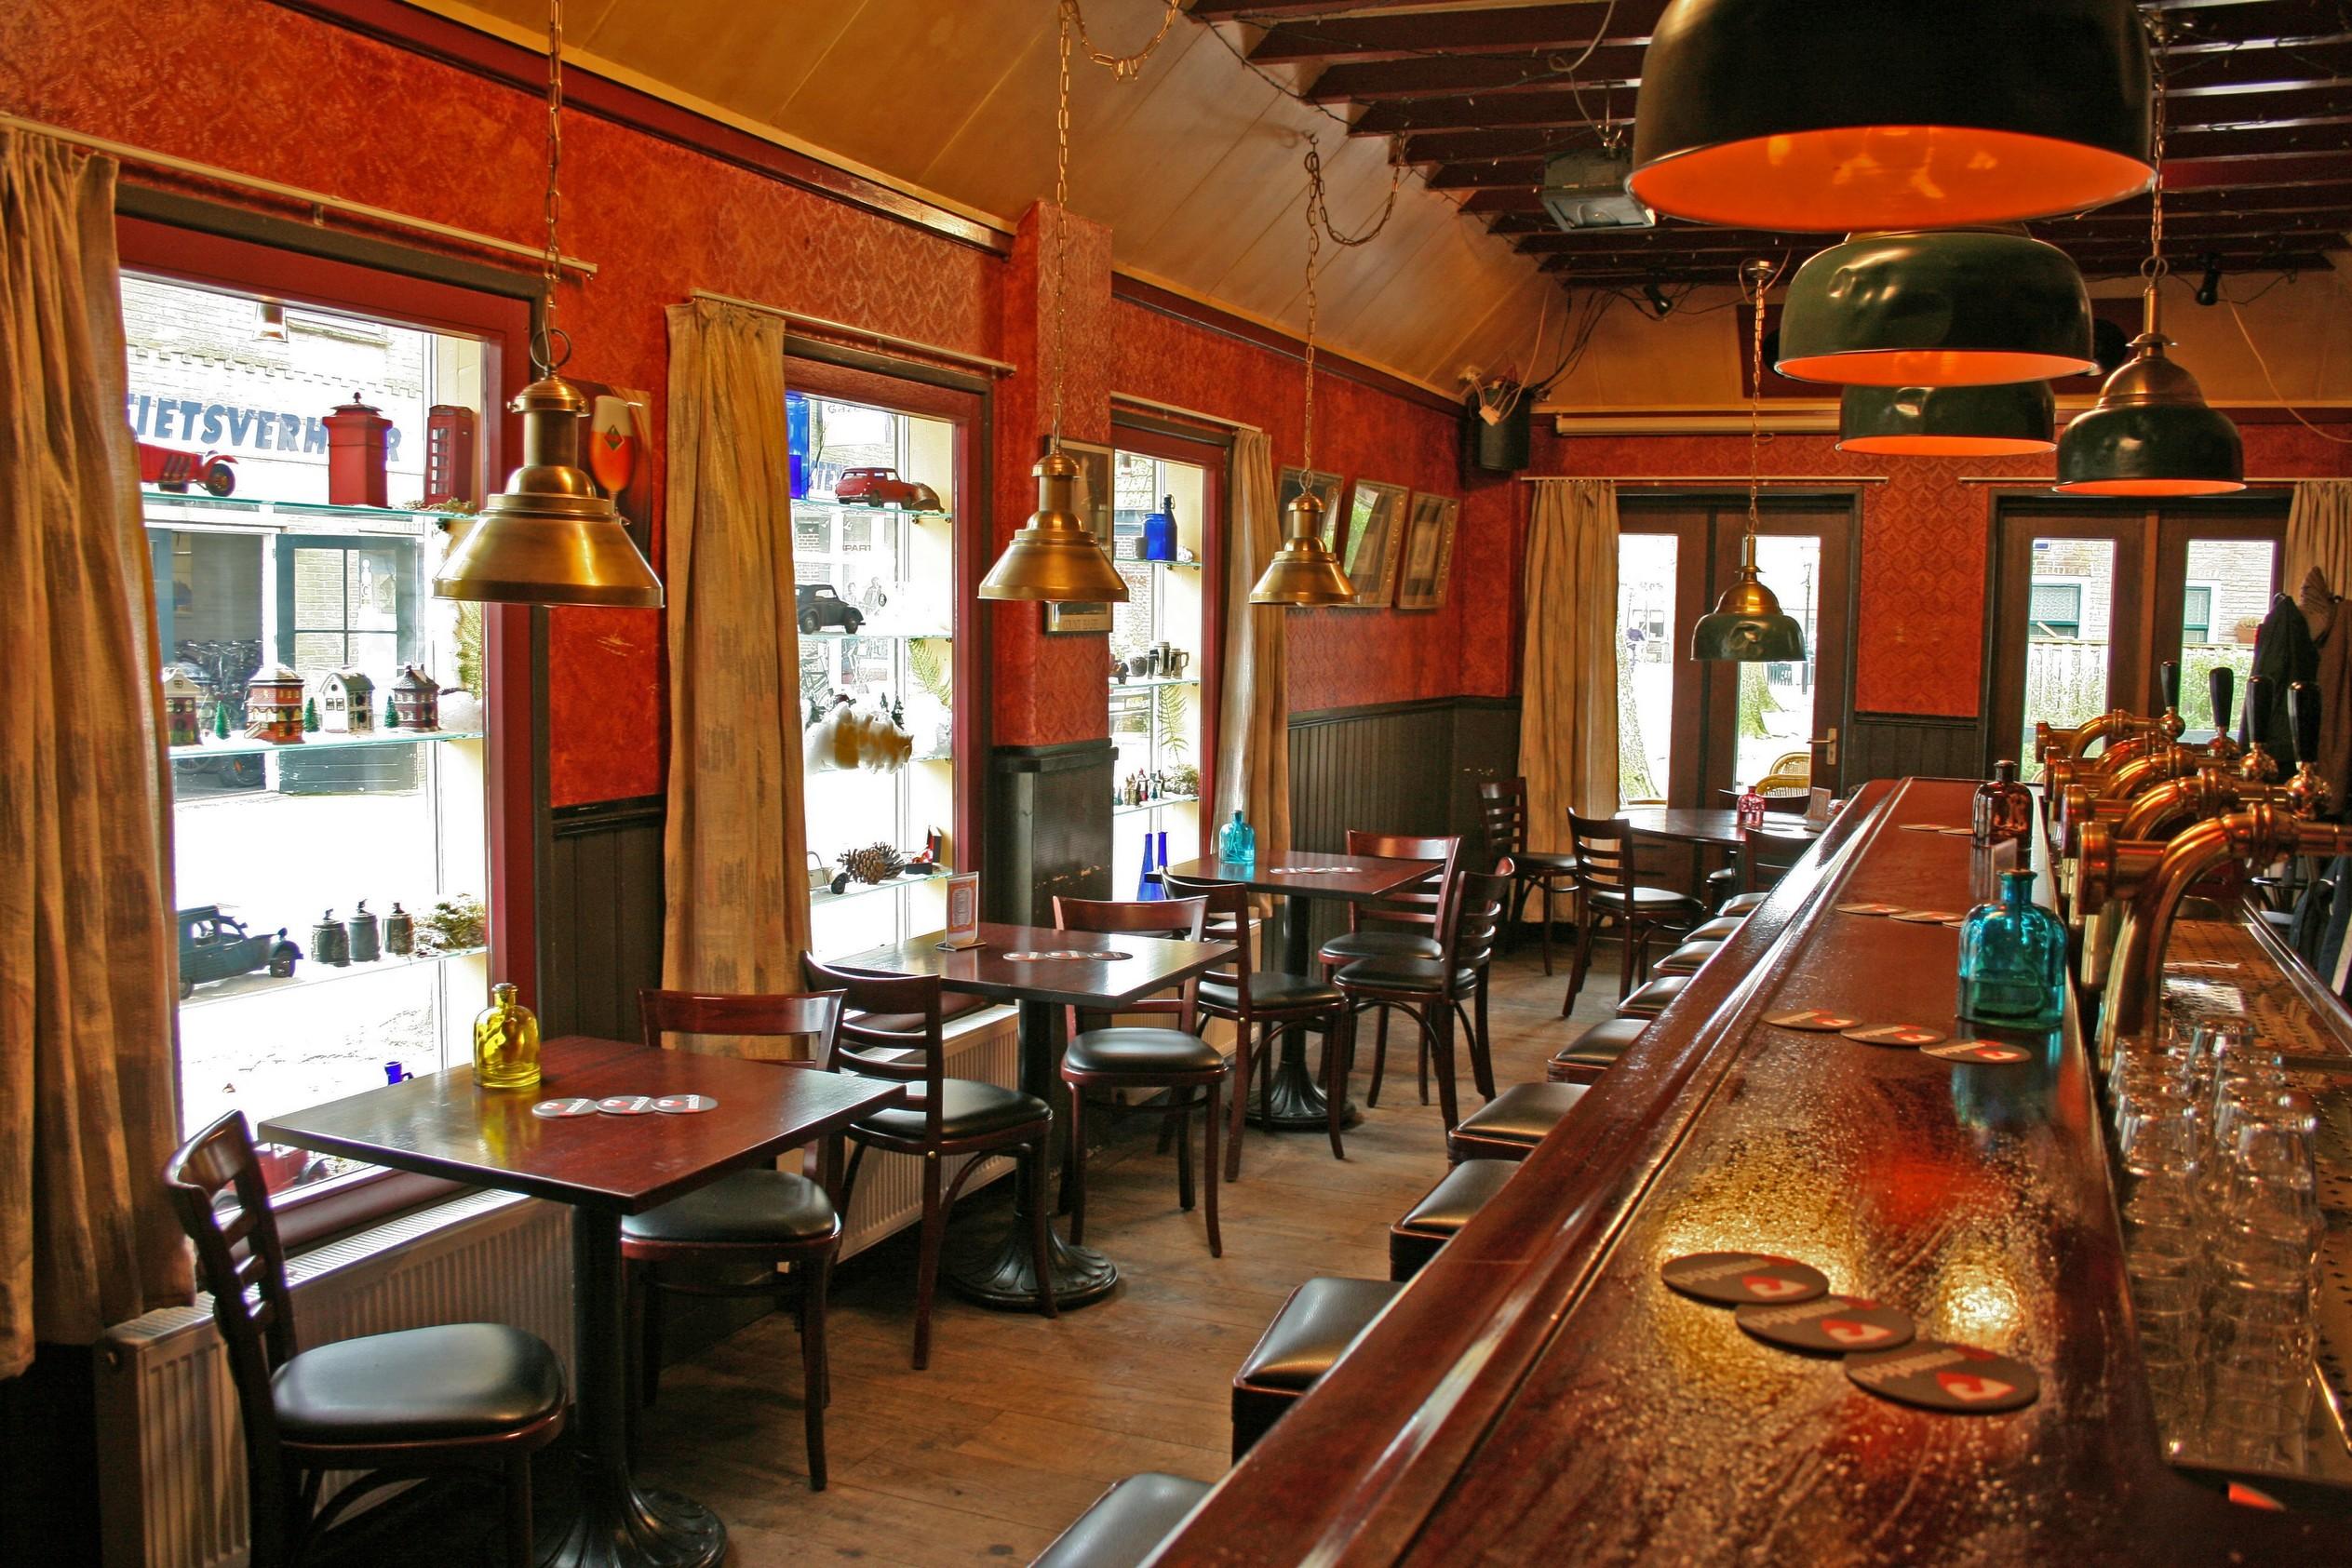 20090316 lichtb cafe de br'ij gevel t-o bar